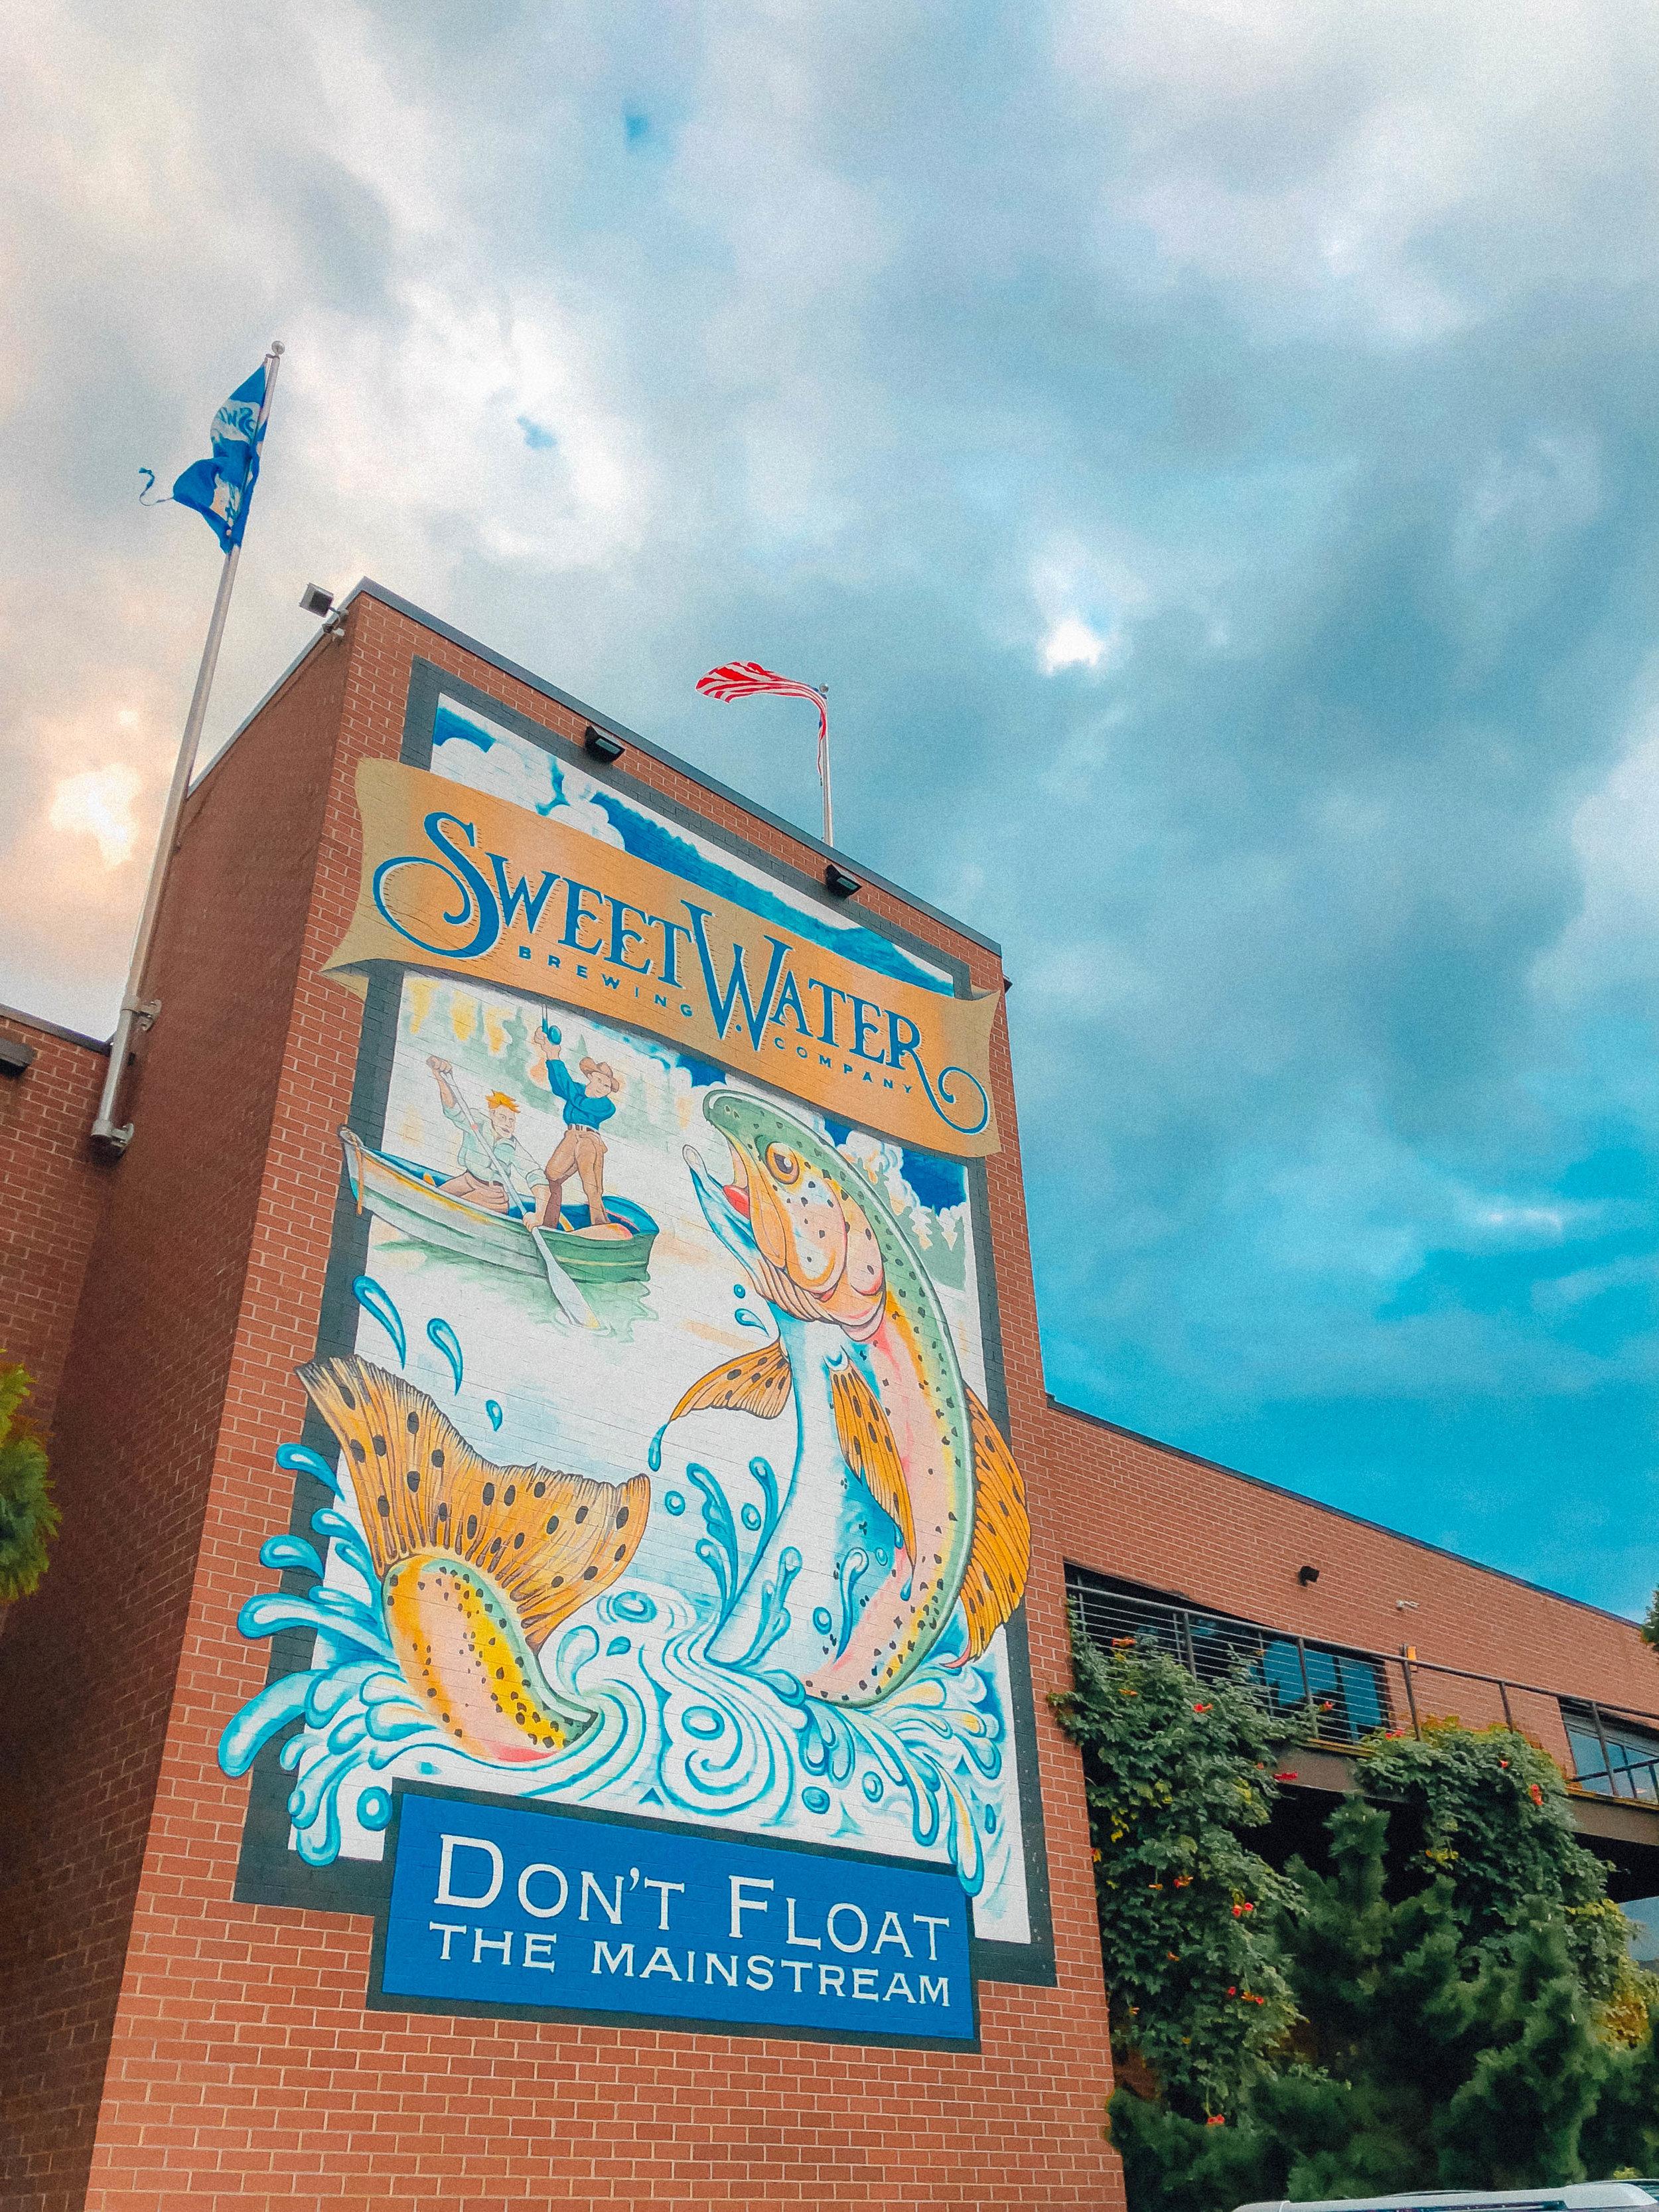 Sweetwater Brewery | Where to Visit in Atlanta | Jordan Hefler